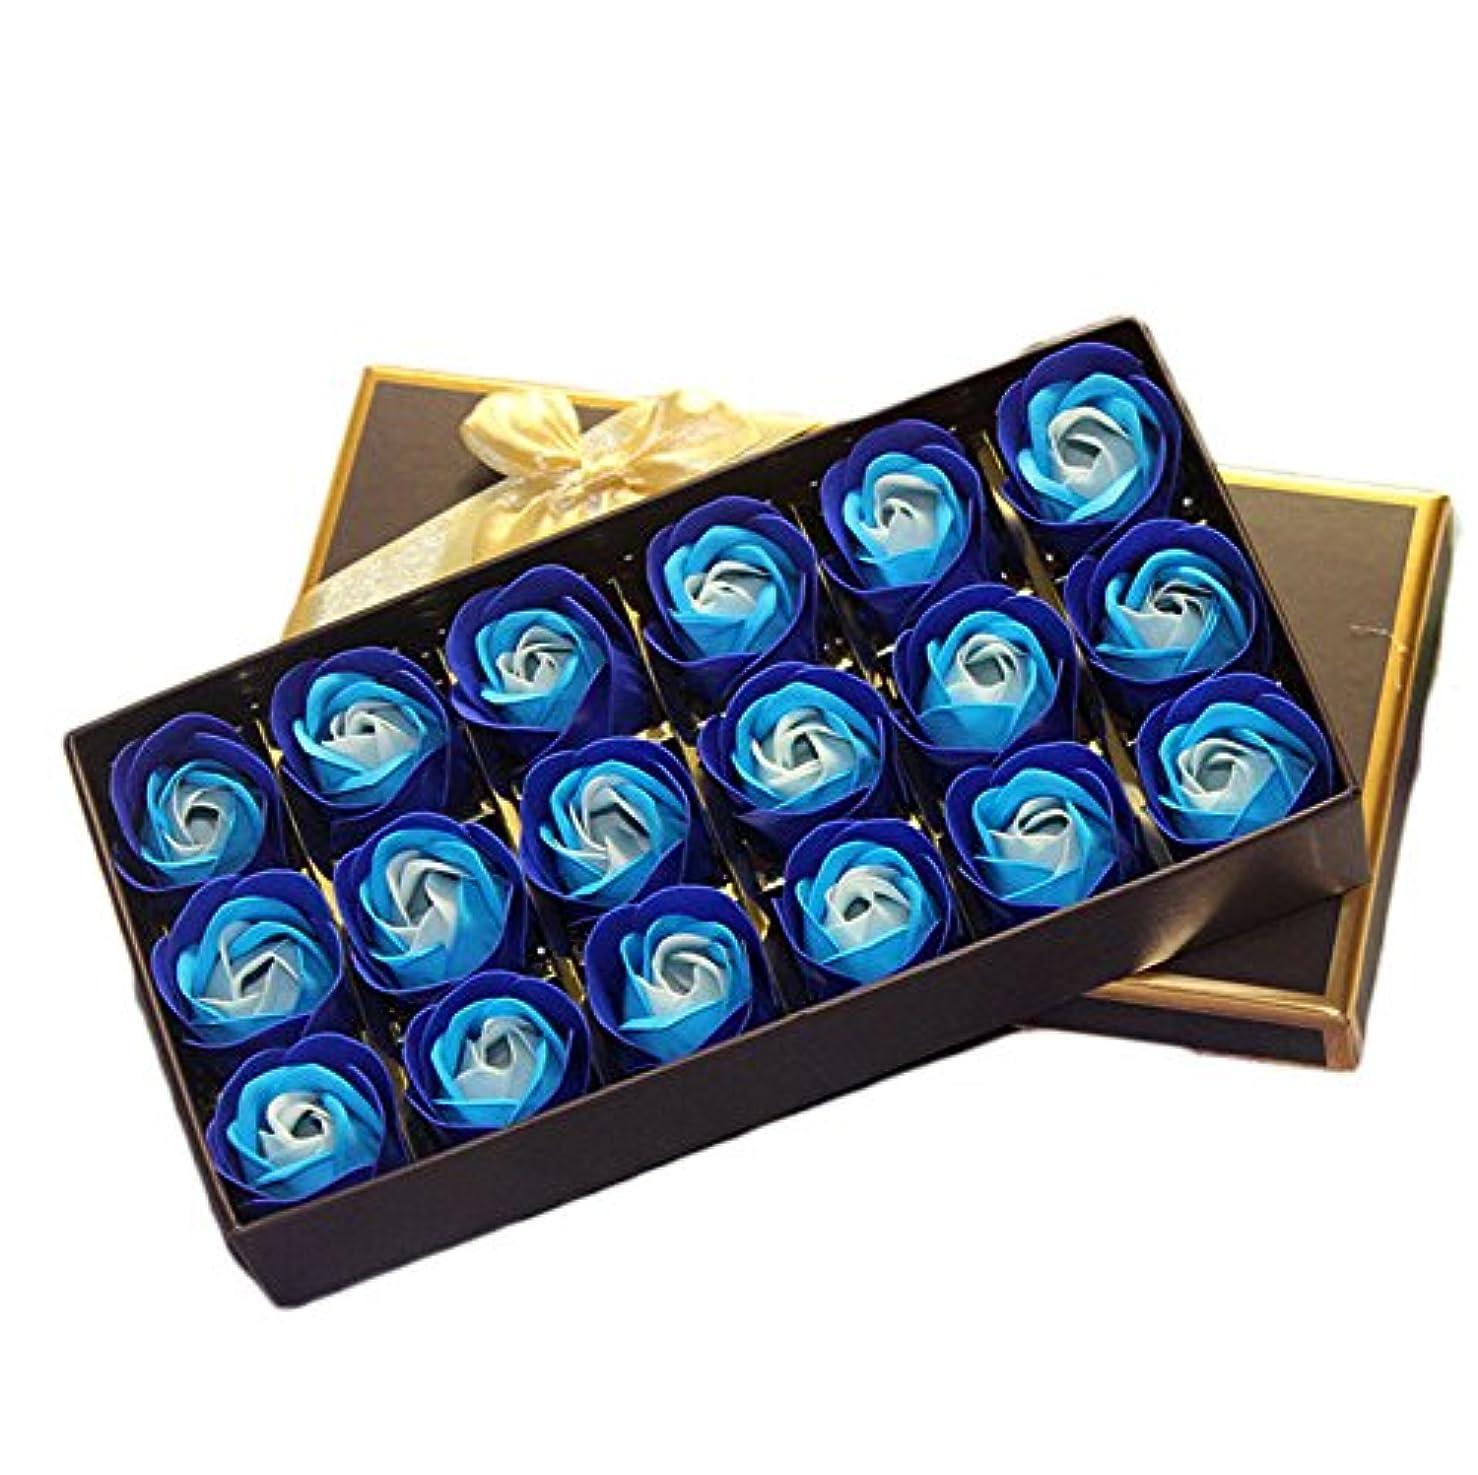 敏感などんなときも暴君18個バラ型 フラワーソープ ギフトボックス入り 石鹸 花 バラ セット 手作り 洗う 手 お風呂 香り 贈り物 (青 1)